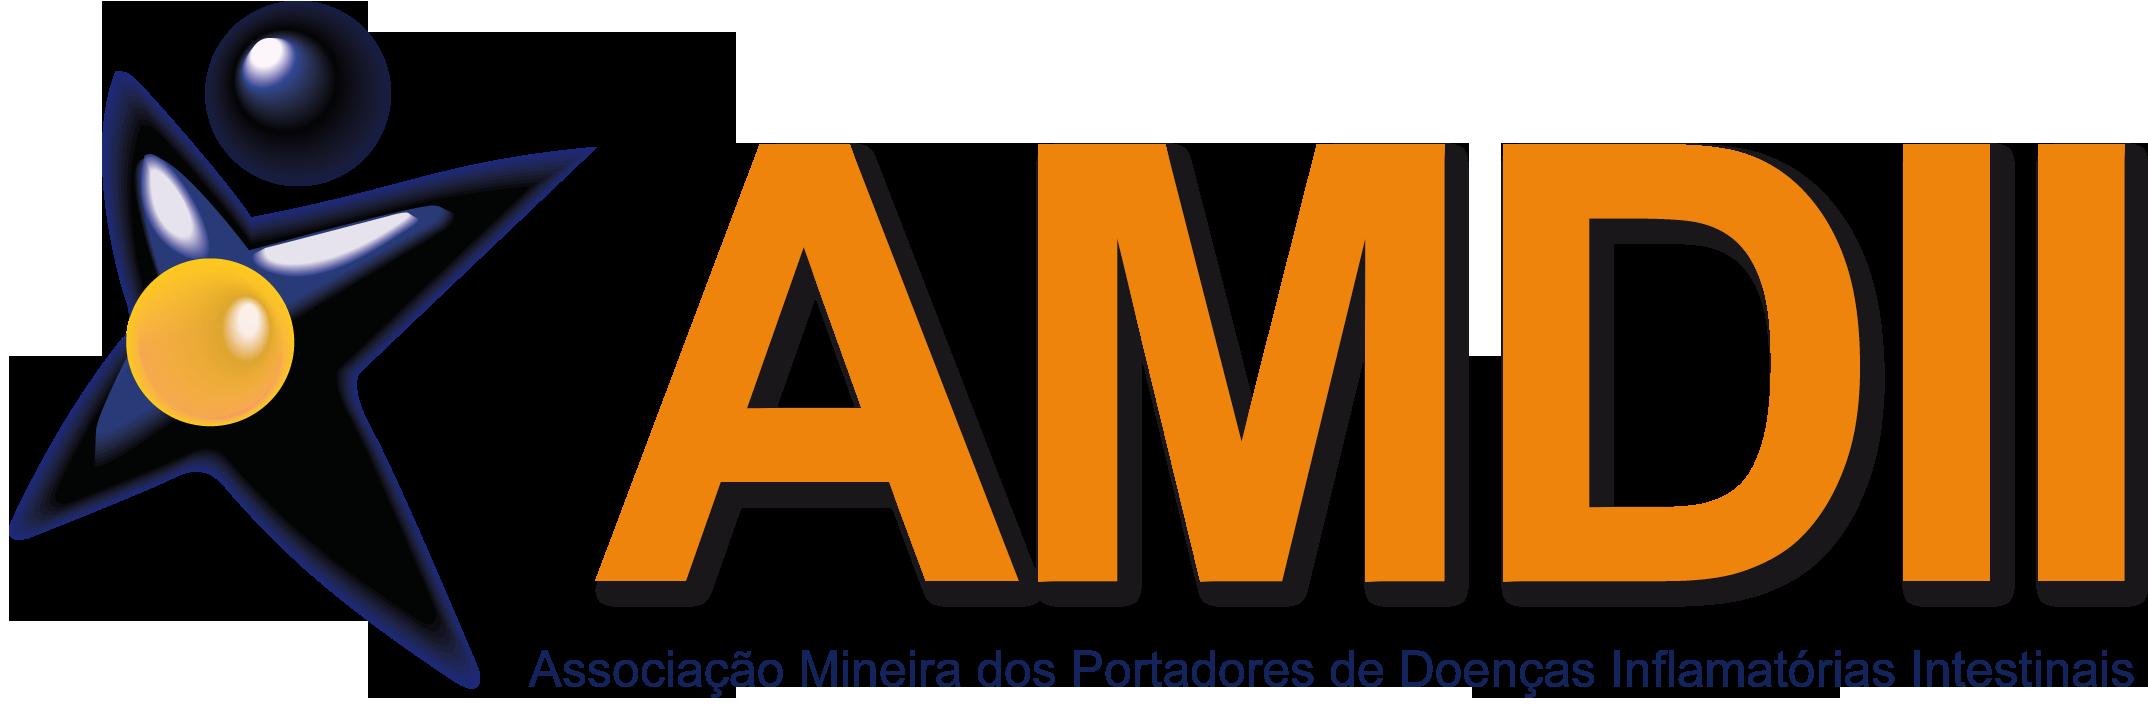 logo vetorizada2